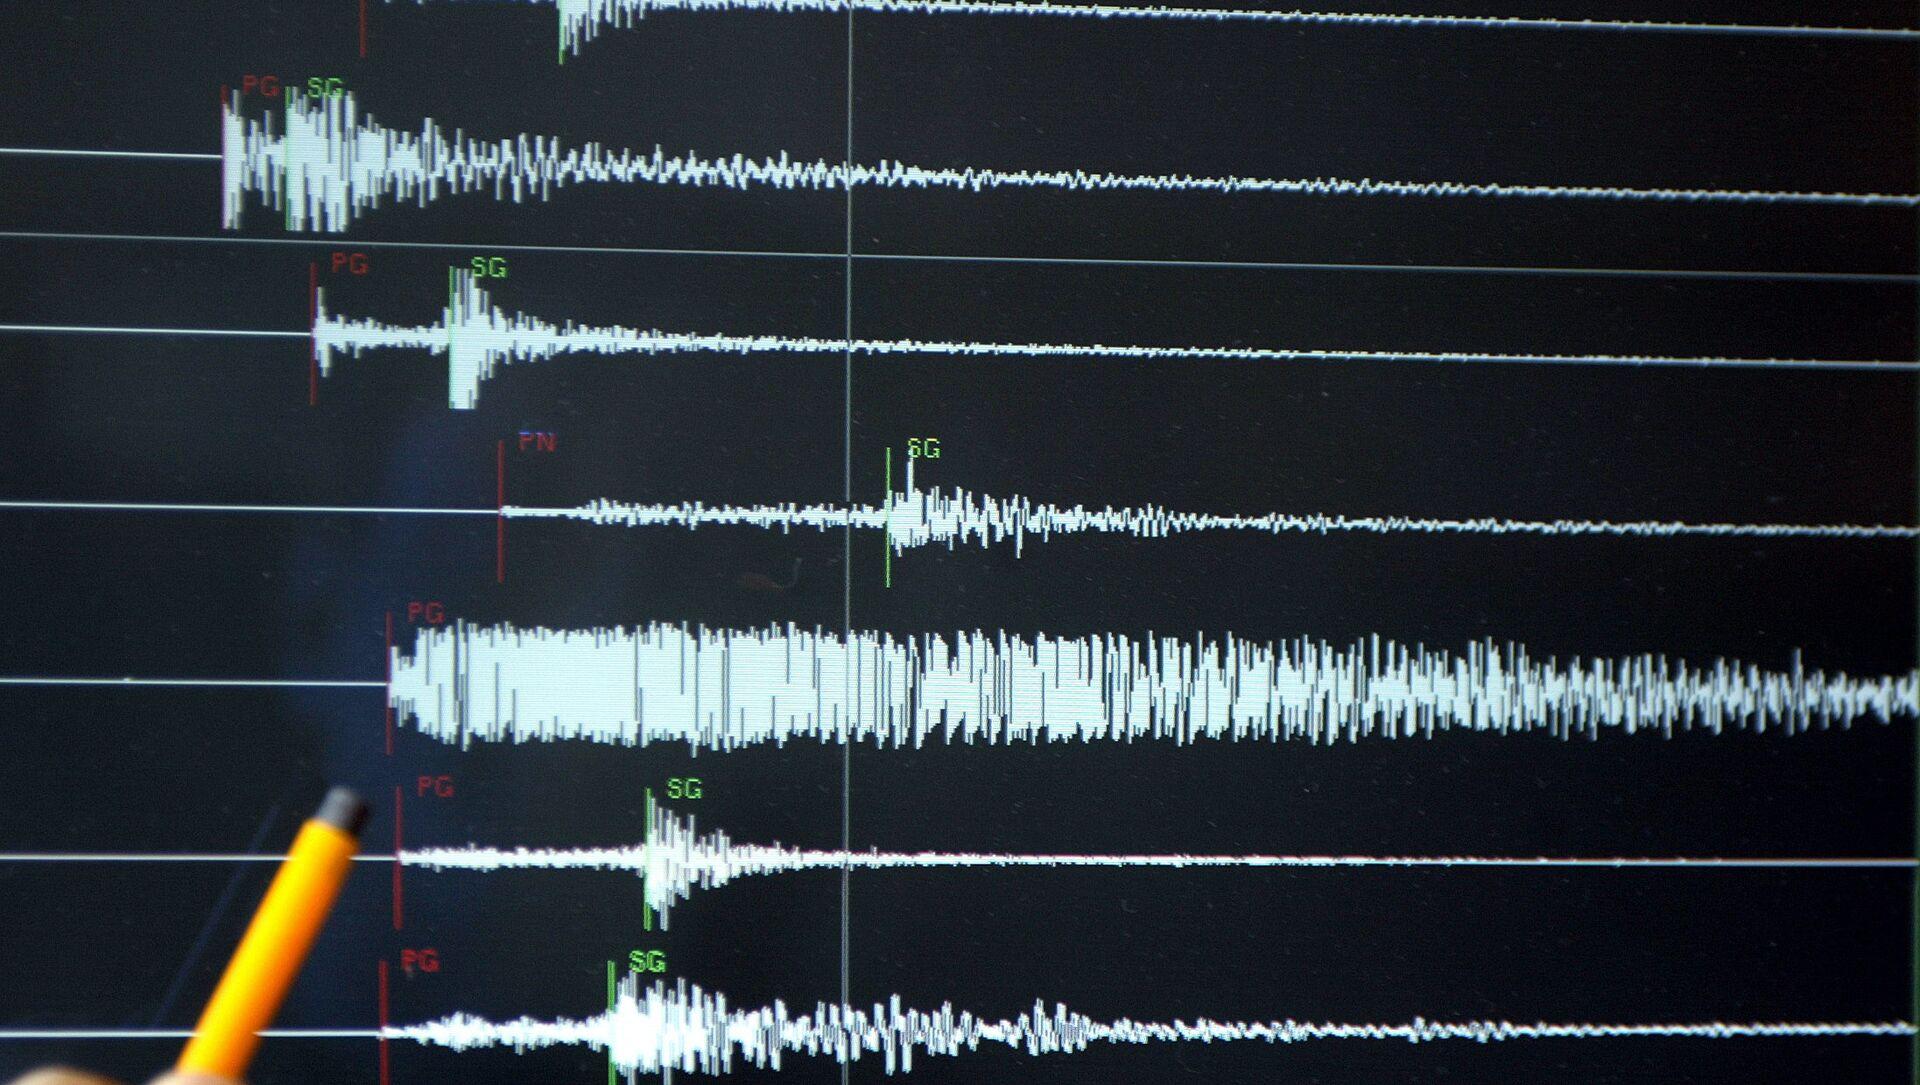 Tremblement de terre - Sputnik France, 1920, 18.08.2021